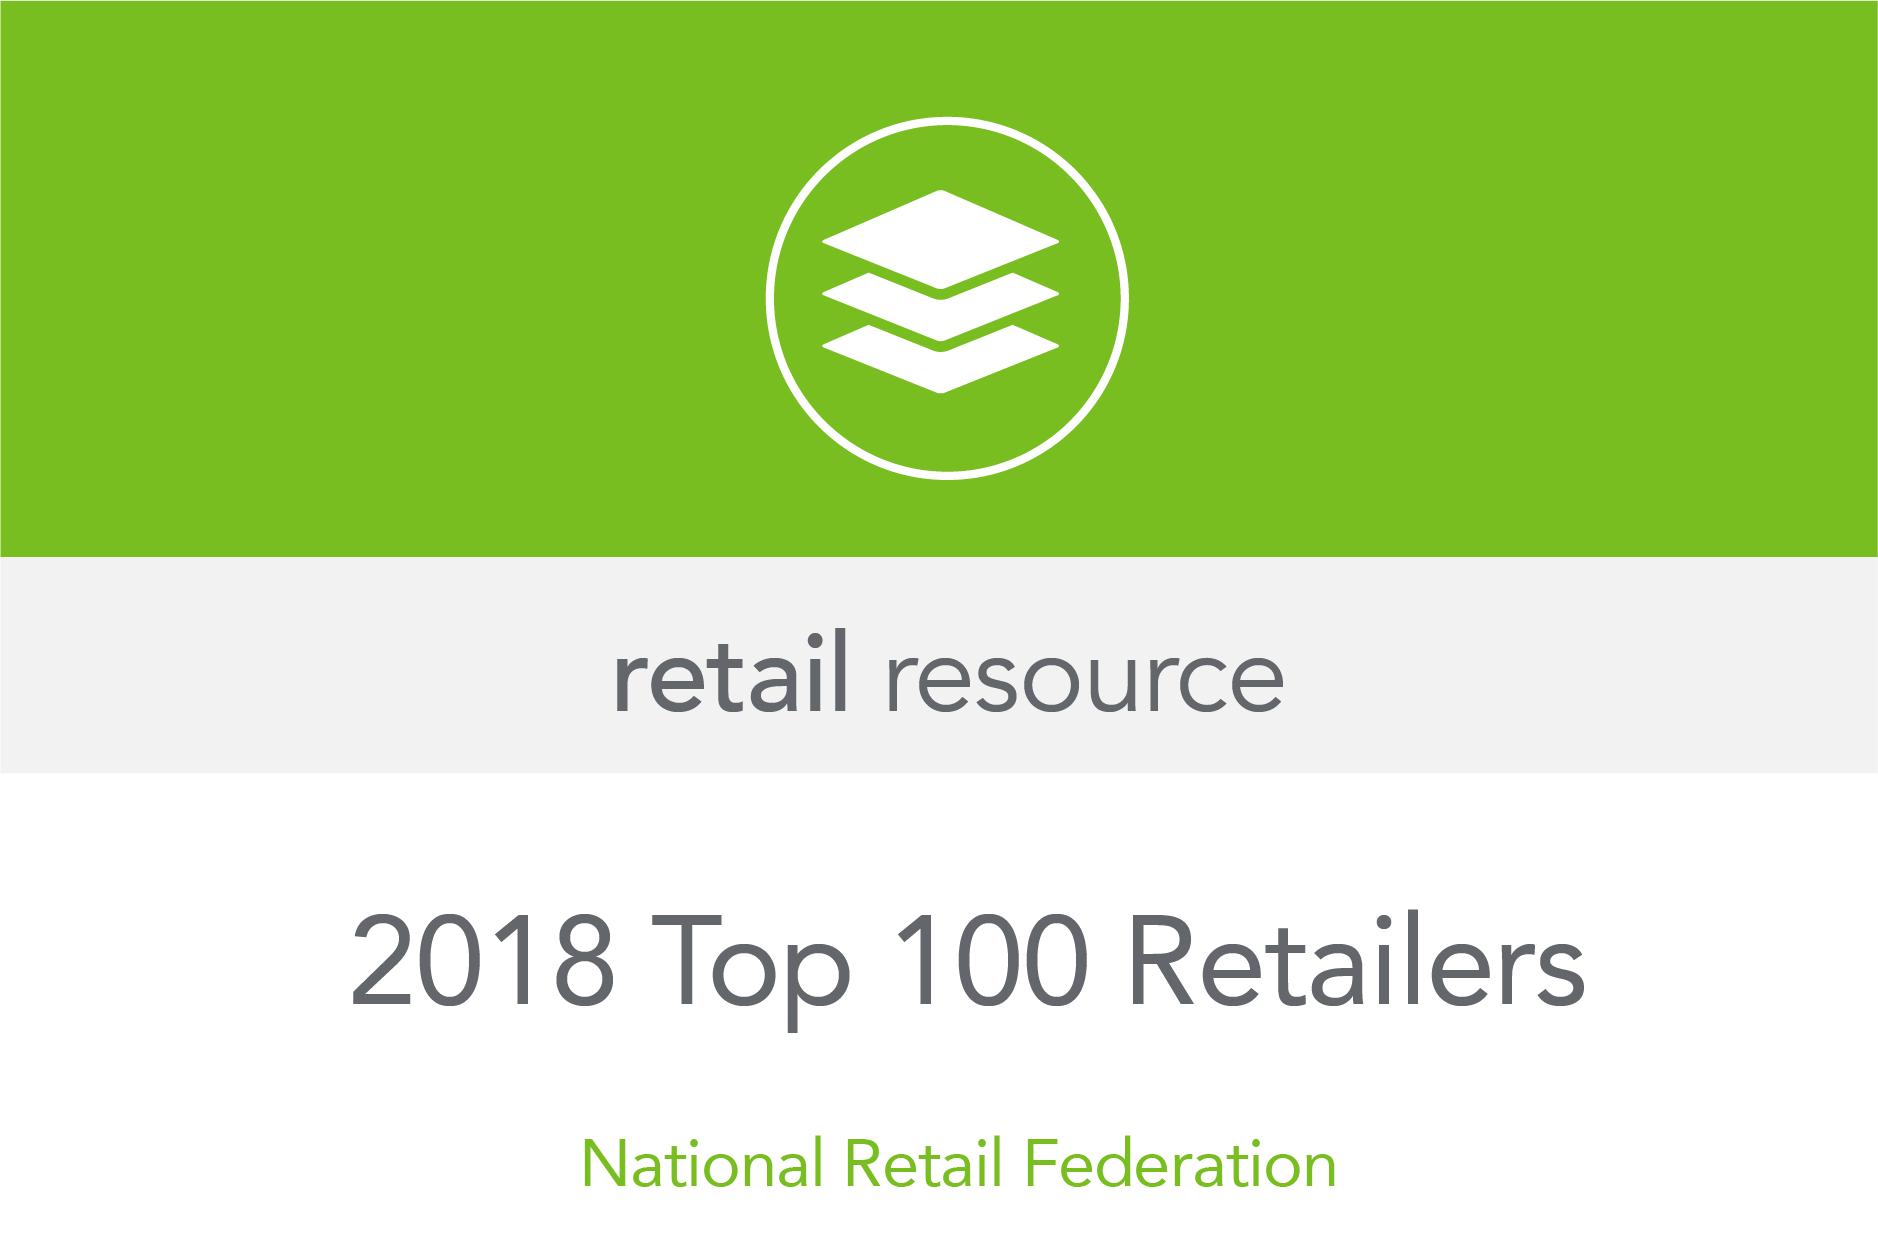 Top 100 Retailers 2018 || Retail Strategies